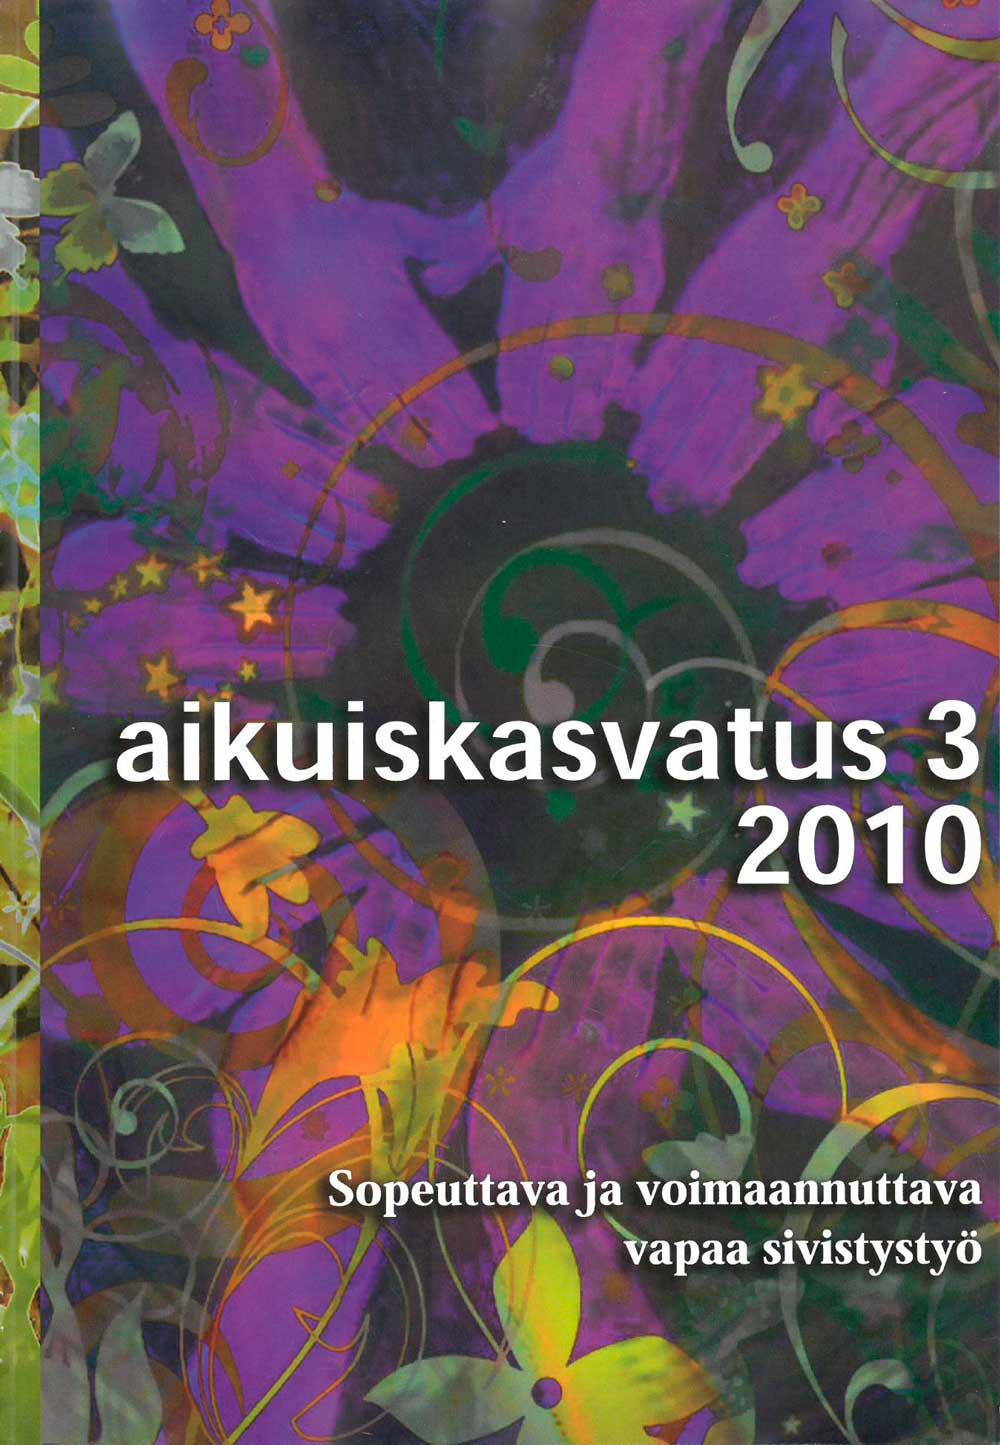 Näytä Vol 30 Nro 3 (2010): Aikuiskasvatus 3/2010: Sopeuttava ja voimaannuttava vapaa sivistystyö